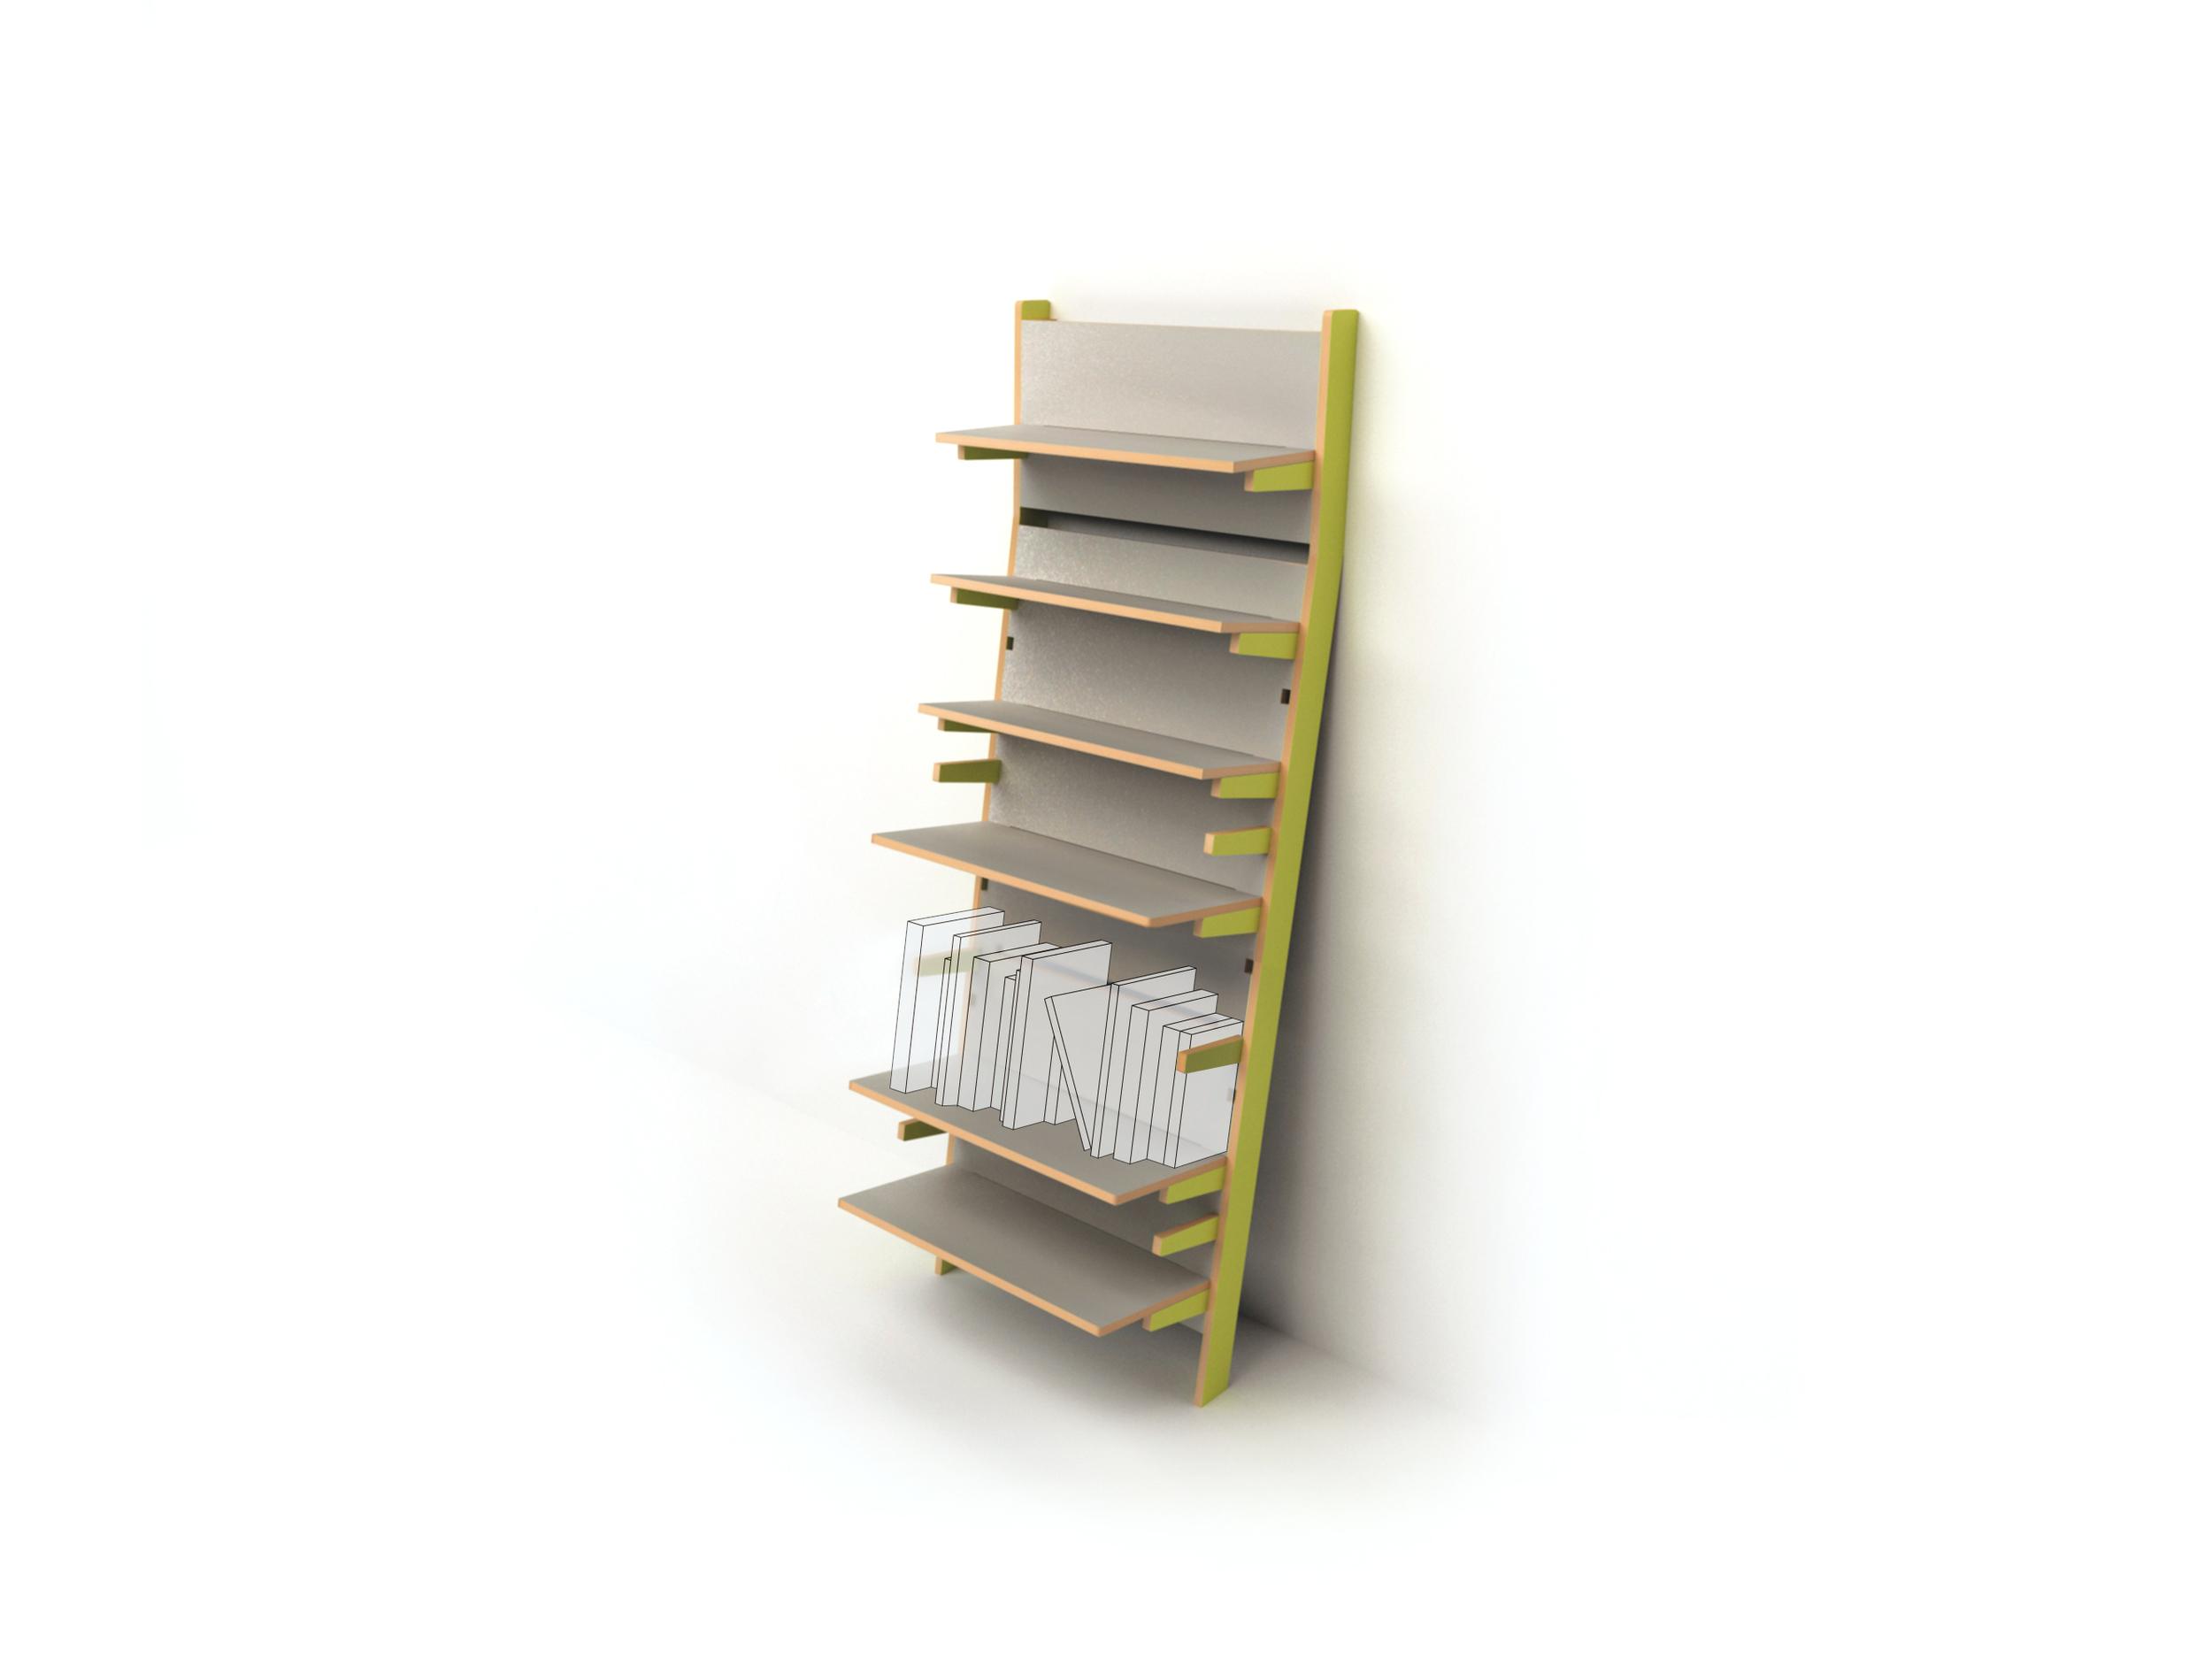 04_librero_uso_libros_-01.jpg